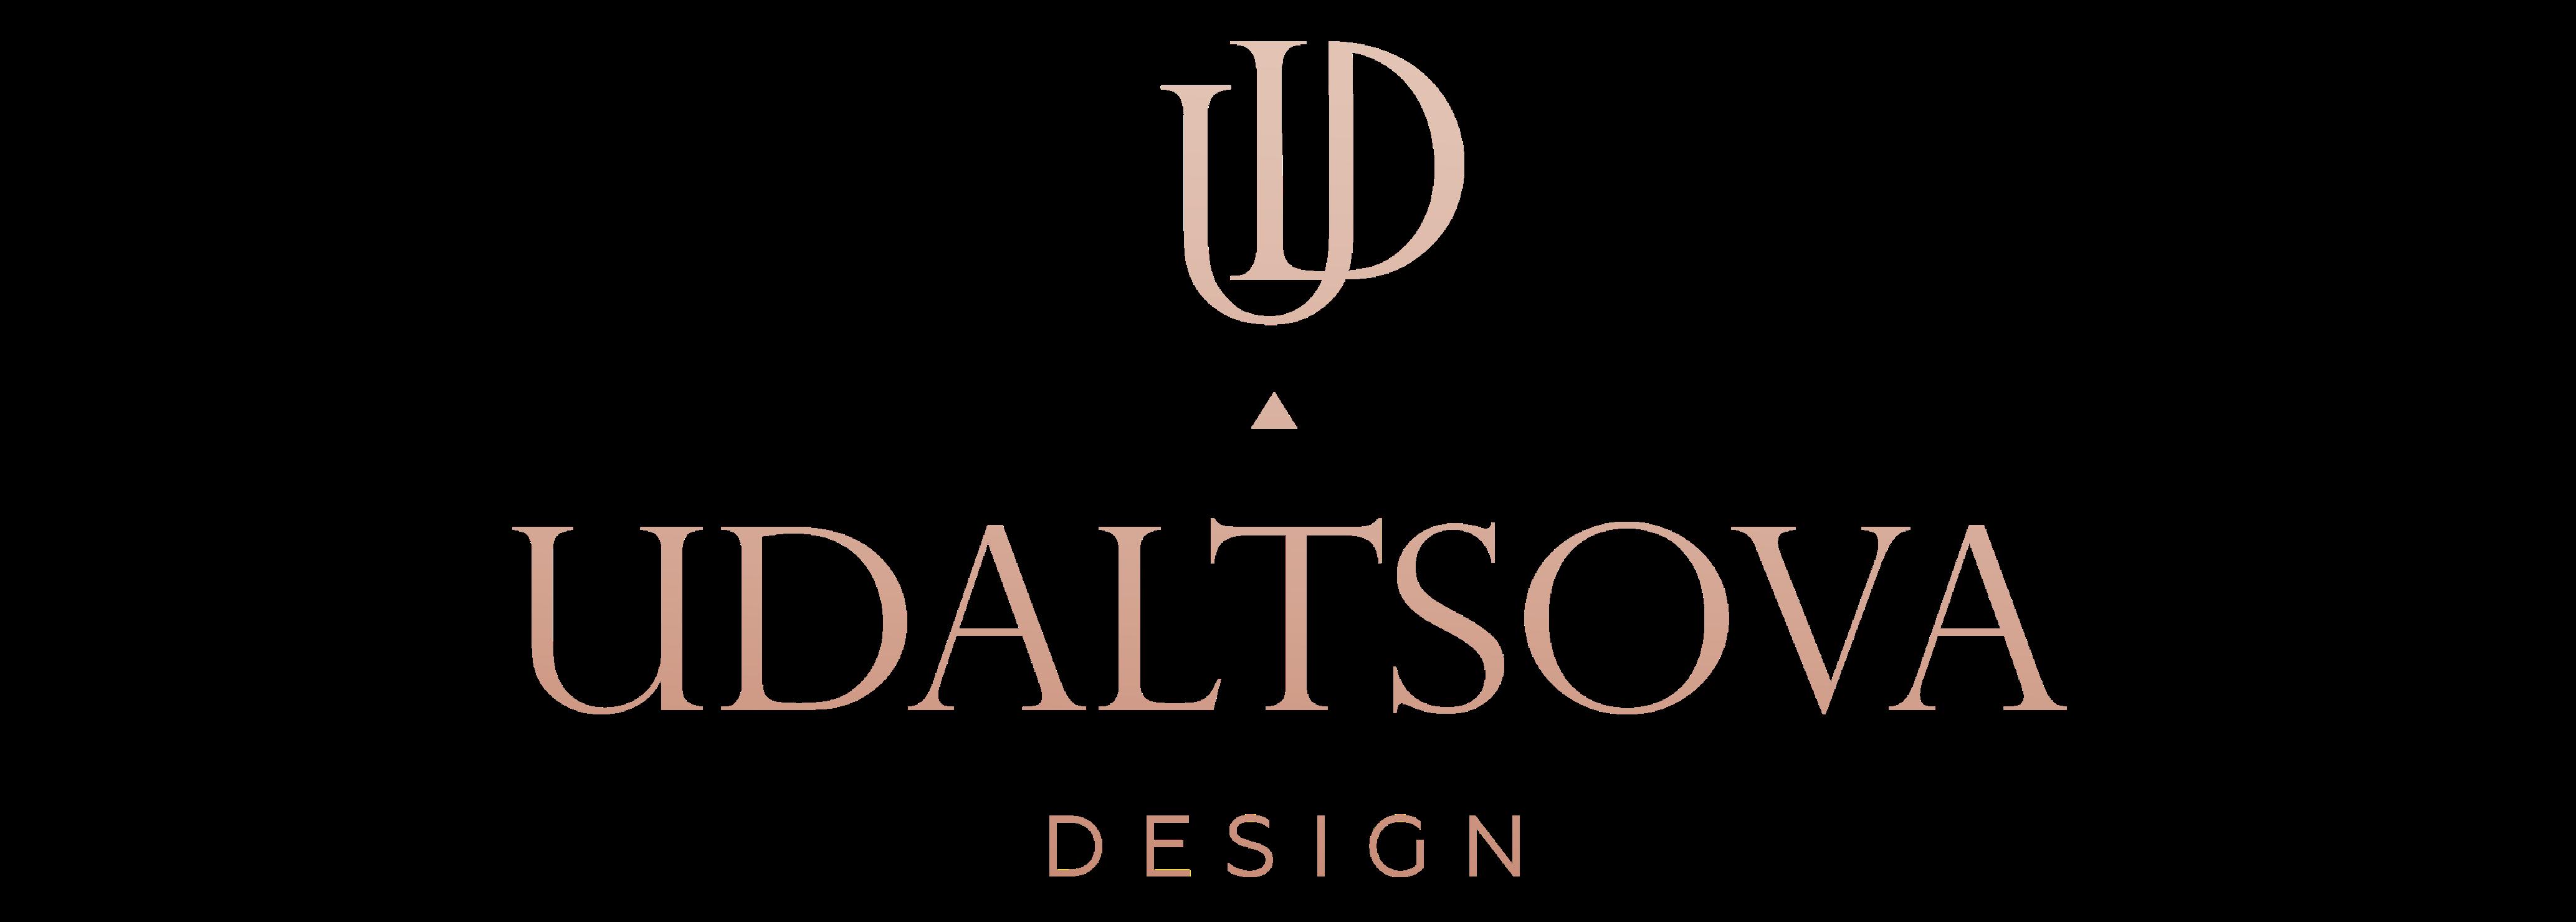 Udaltsova Design